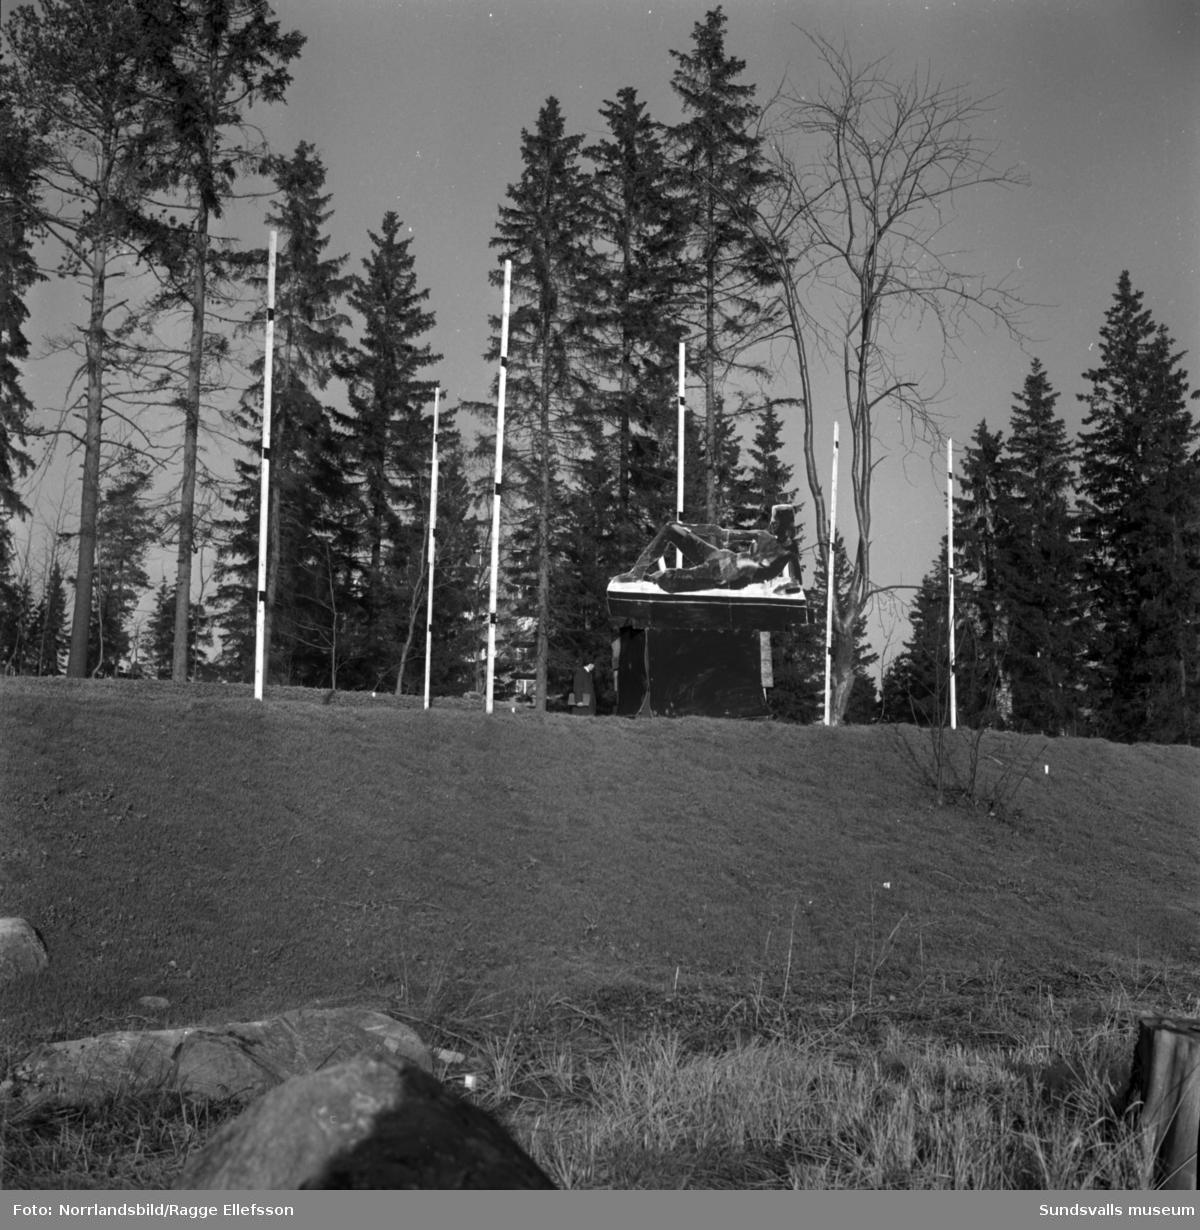 Bostadsområdet Norrliden är färdigbyggt och nu planeras offentlig utsmyckning i parken mellan husen. Byggmästare Anders Nisses donerade bronsskulpturen Mor och barn av konstnären Curt Thorsjö som kom på plats 1963.